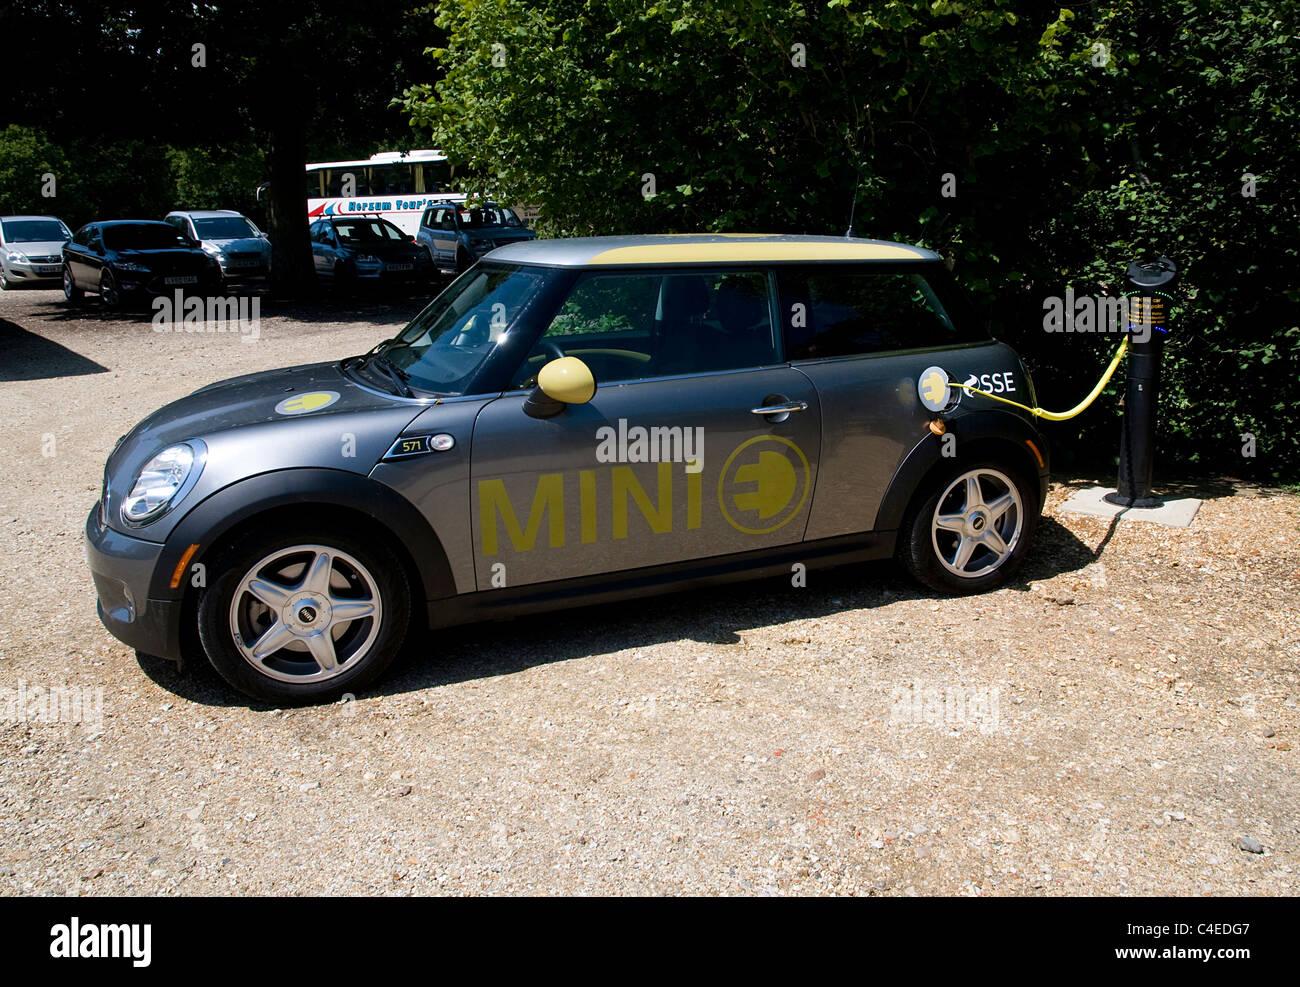 2011 Mini e auto elettrica a batteria punto di carica Immagini Stock